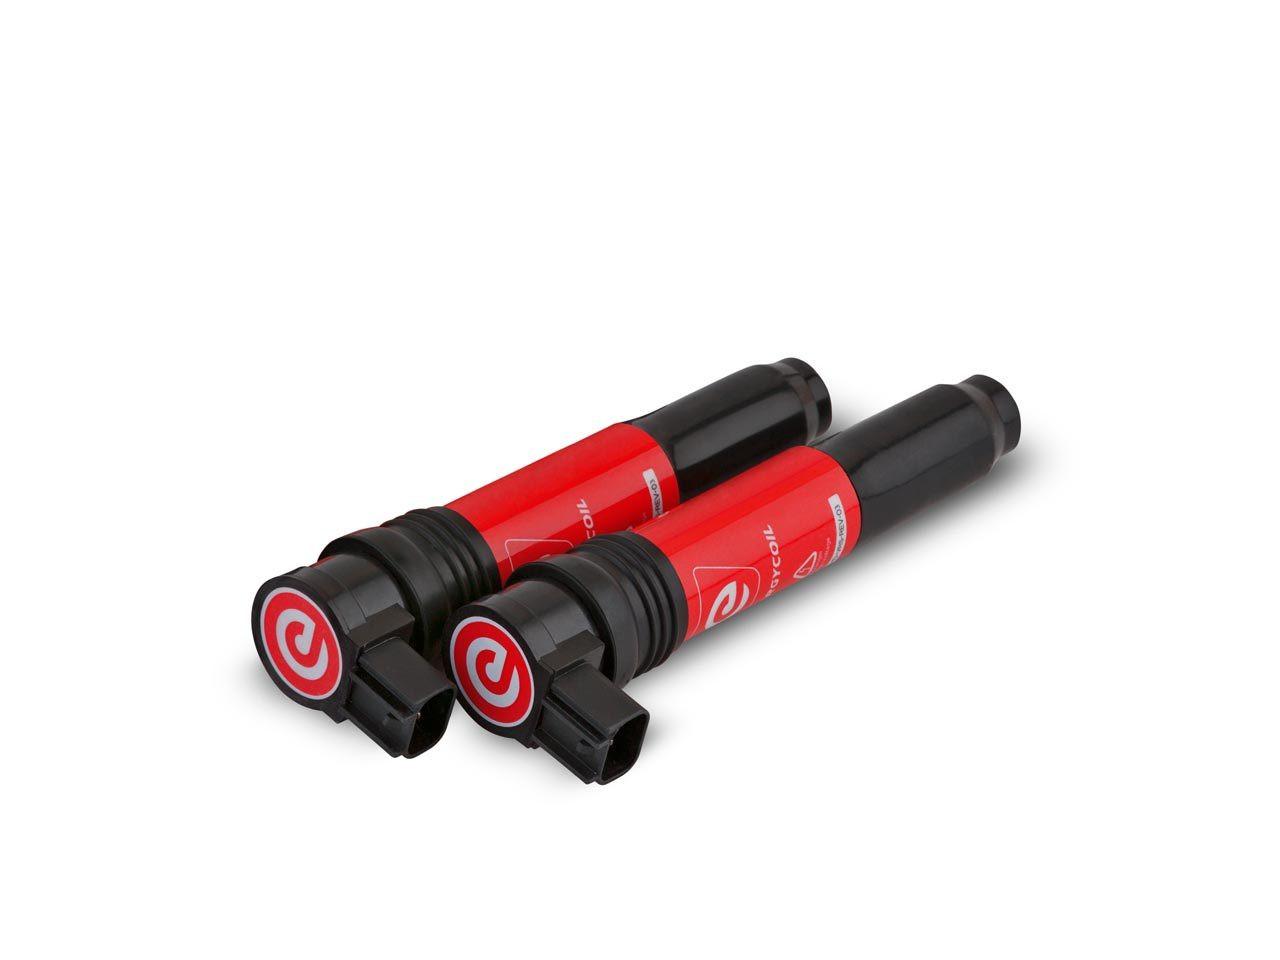 Energycoil Coil on Plug Stick Coils Polaris RZR 1000 (13-18)